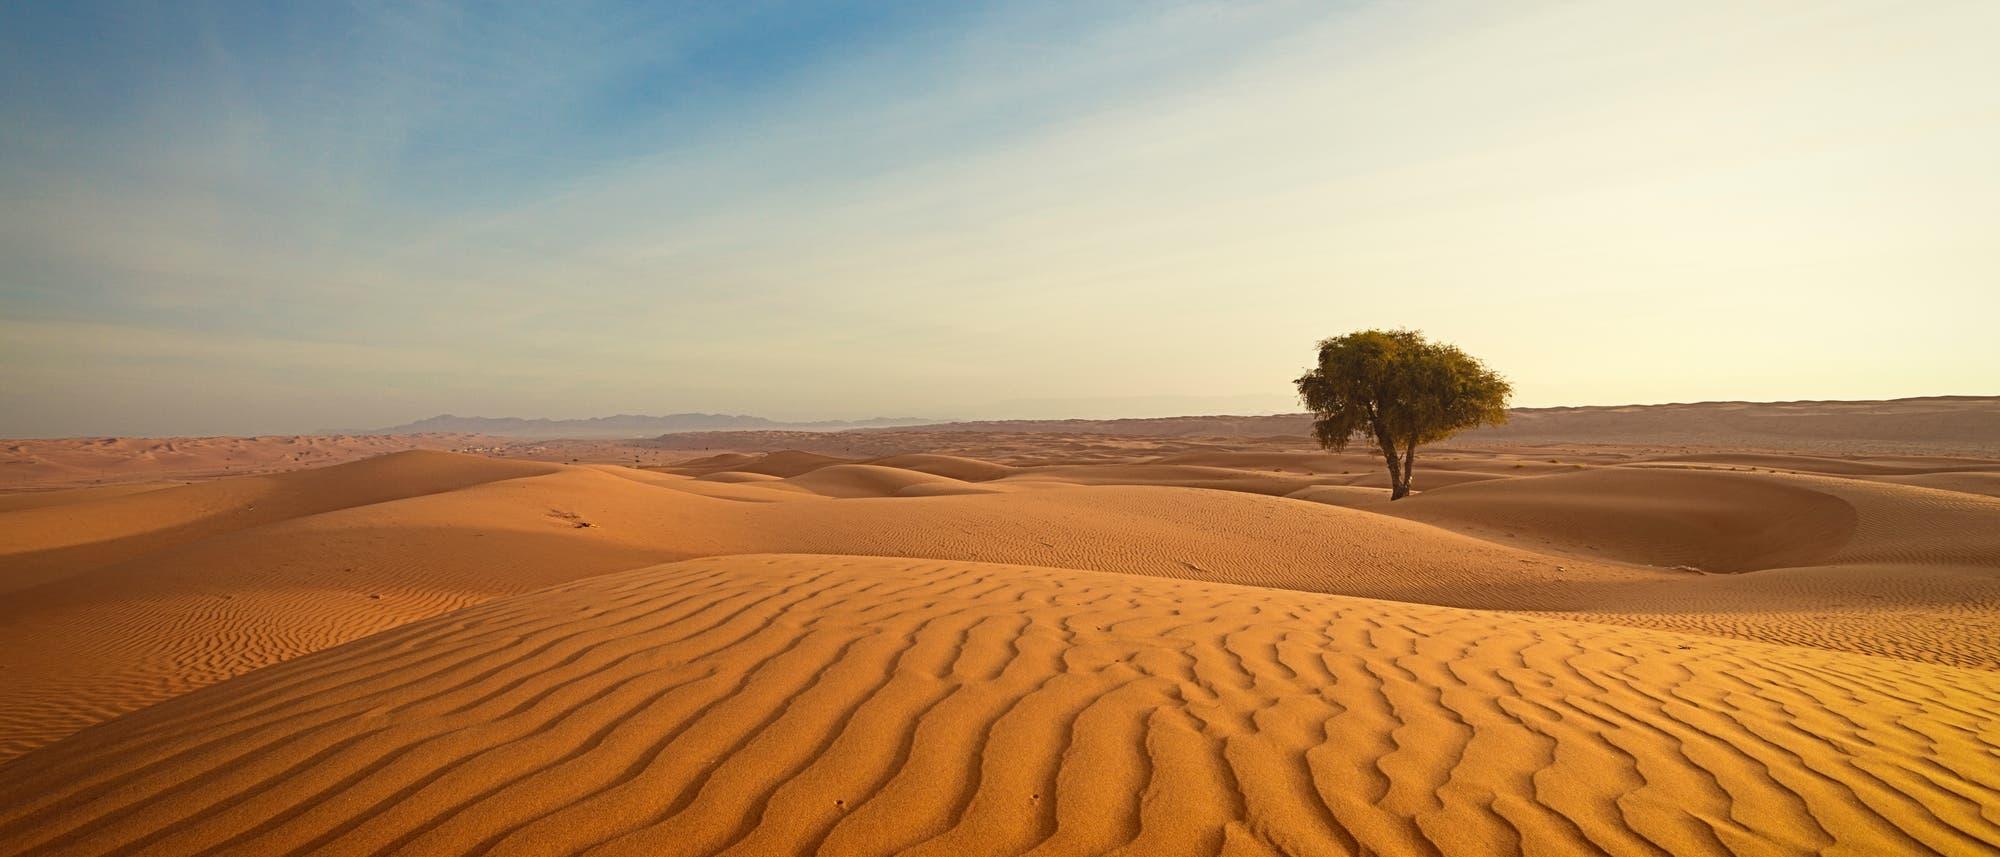 Ein einzelner Baum steht in einer Landschaft aus gelbem Sand.